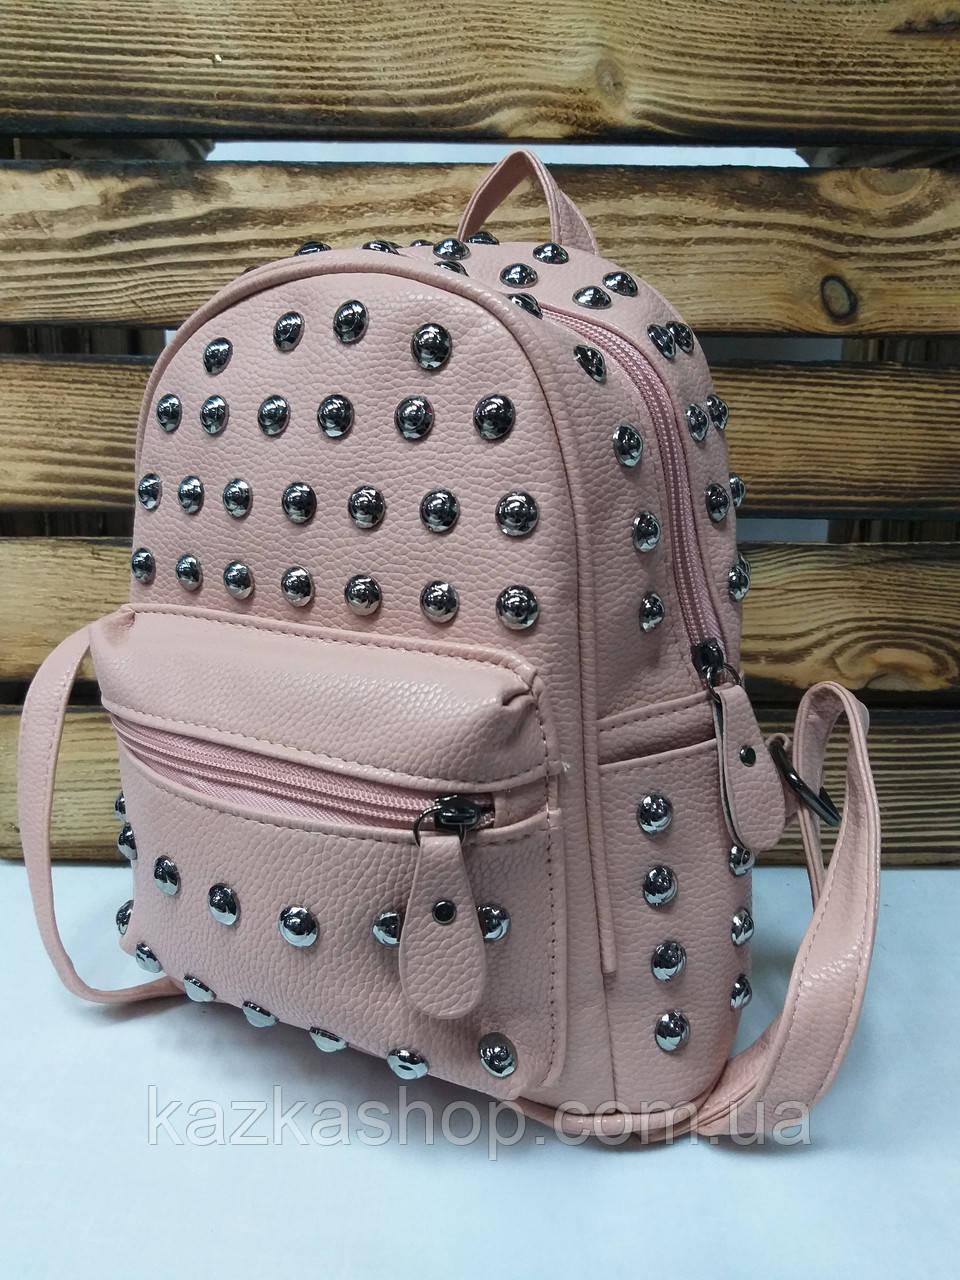 Женский рюкзак розового цвета из искусственной кожи с декоративными заклепками